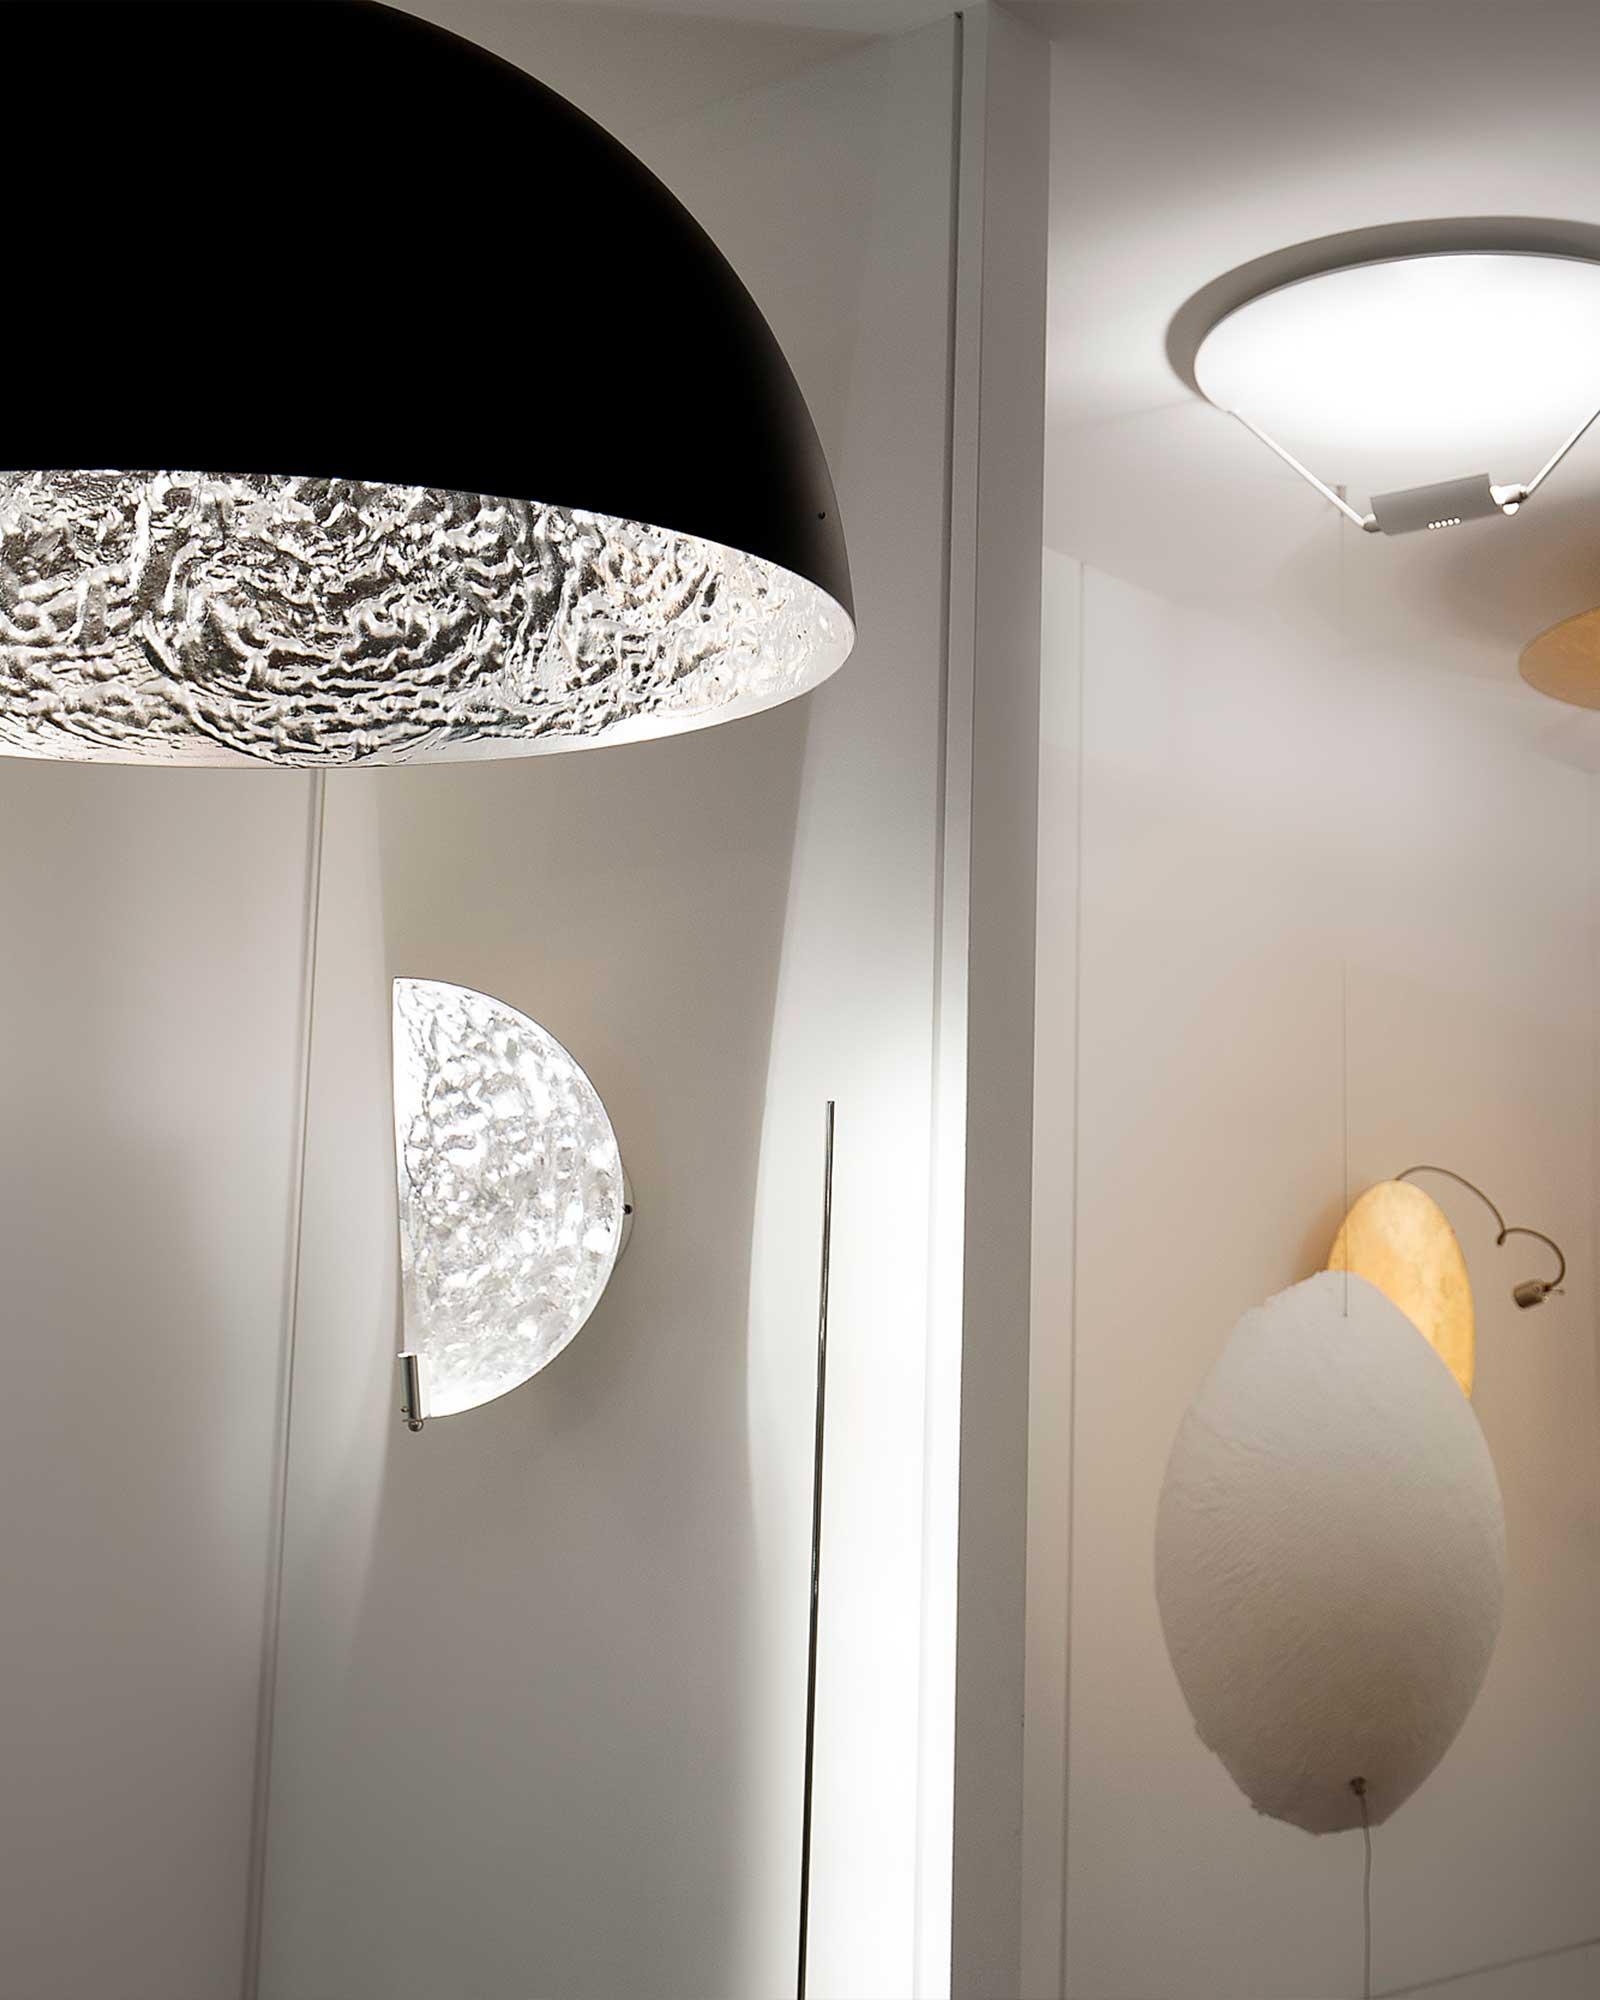 Lampade Da Soffitto Per Taverna vendita lampadari e lampade venezia | guerra lampadari